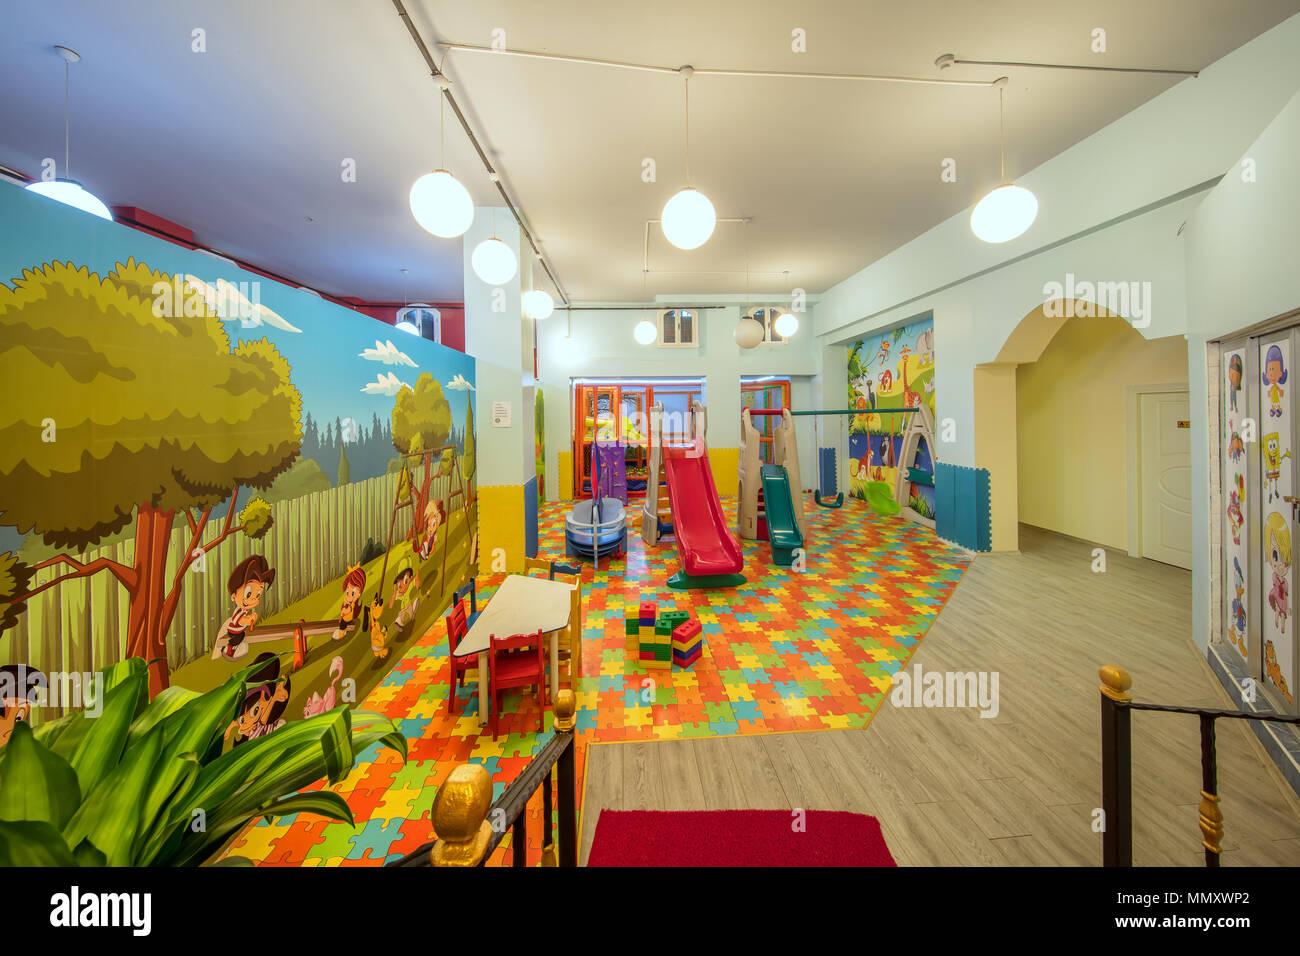 Sala Giochi Per Bambini : Istanbul turchia aprile parco giochi per bambini nel